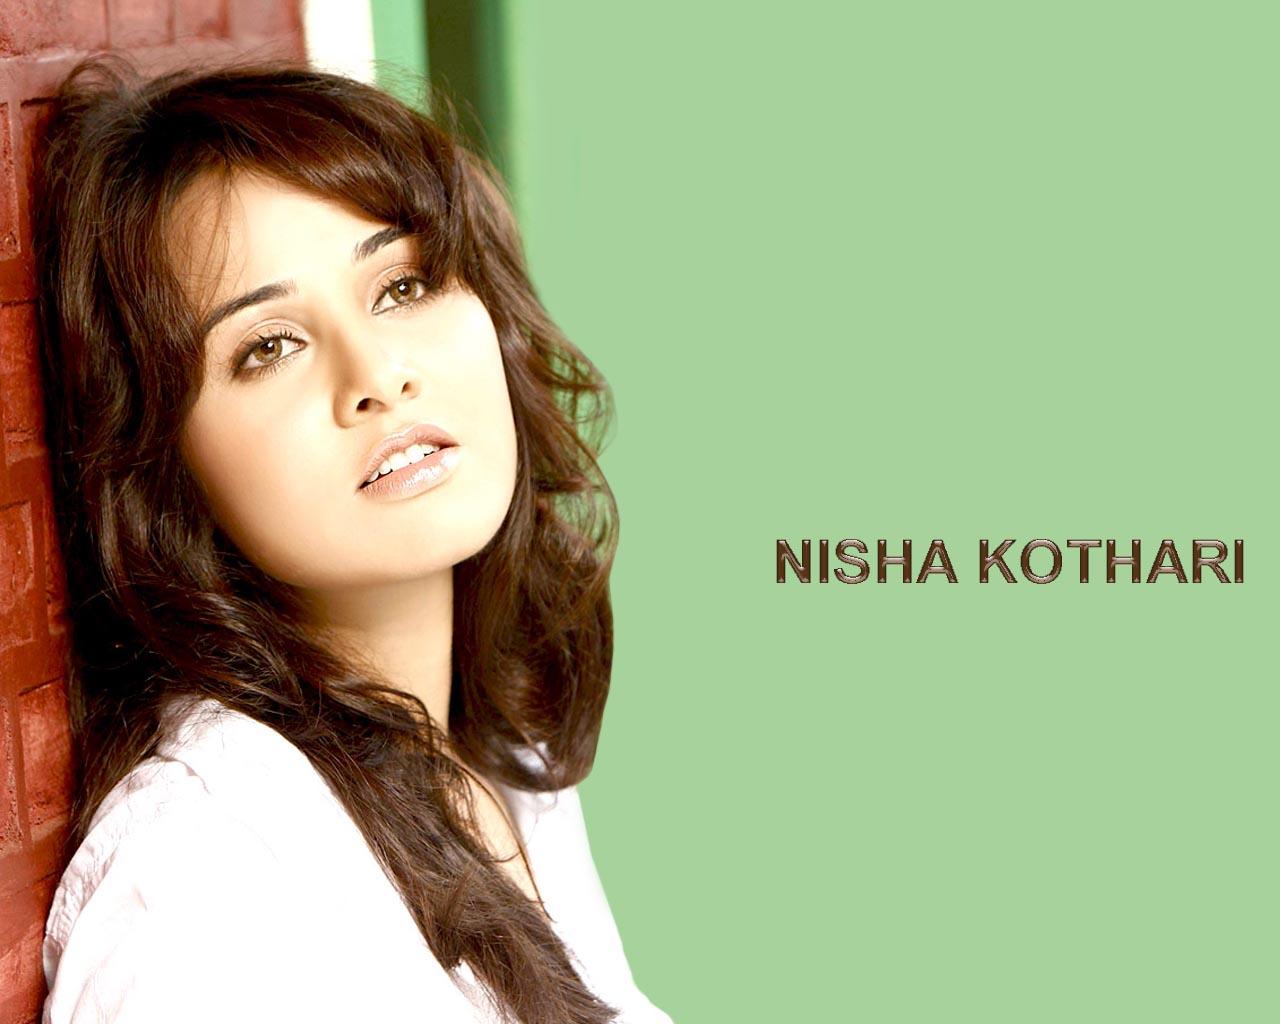 Other Names Nisha Kothari Wallpaper | PicsWallpaper.com